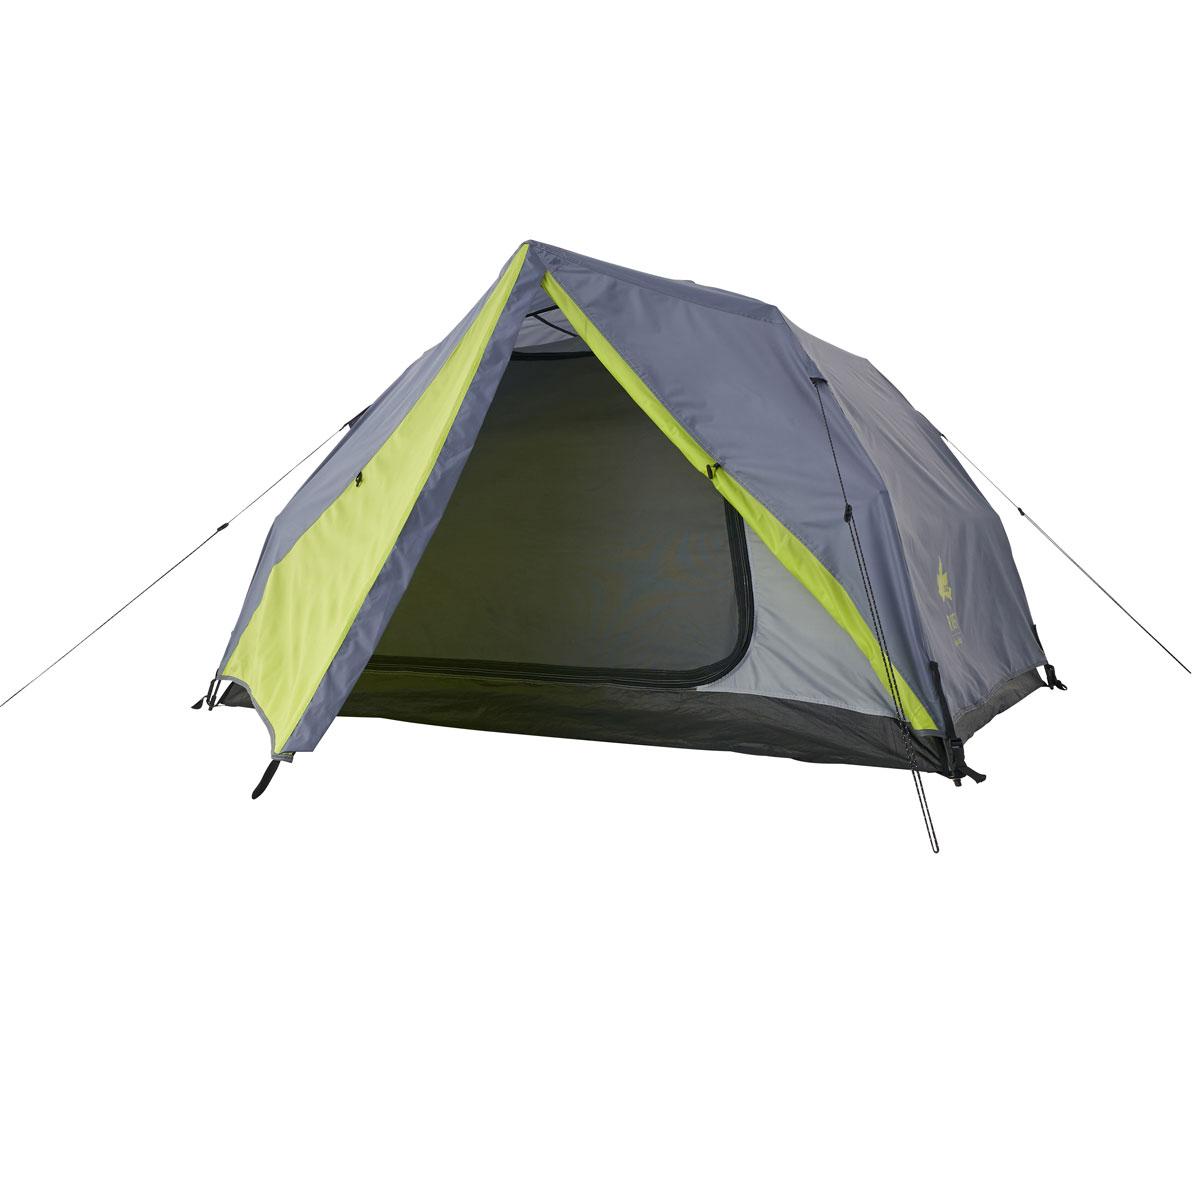 ロゴス(LOGOS) キャンプ用テント(3~5人用) ROSY Q-TOP ドーム DUO-BJ 71805564 テント タープ キャンプ用テント キャンプ アウトドア